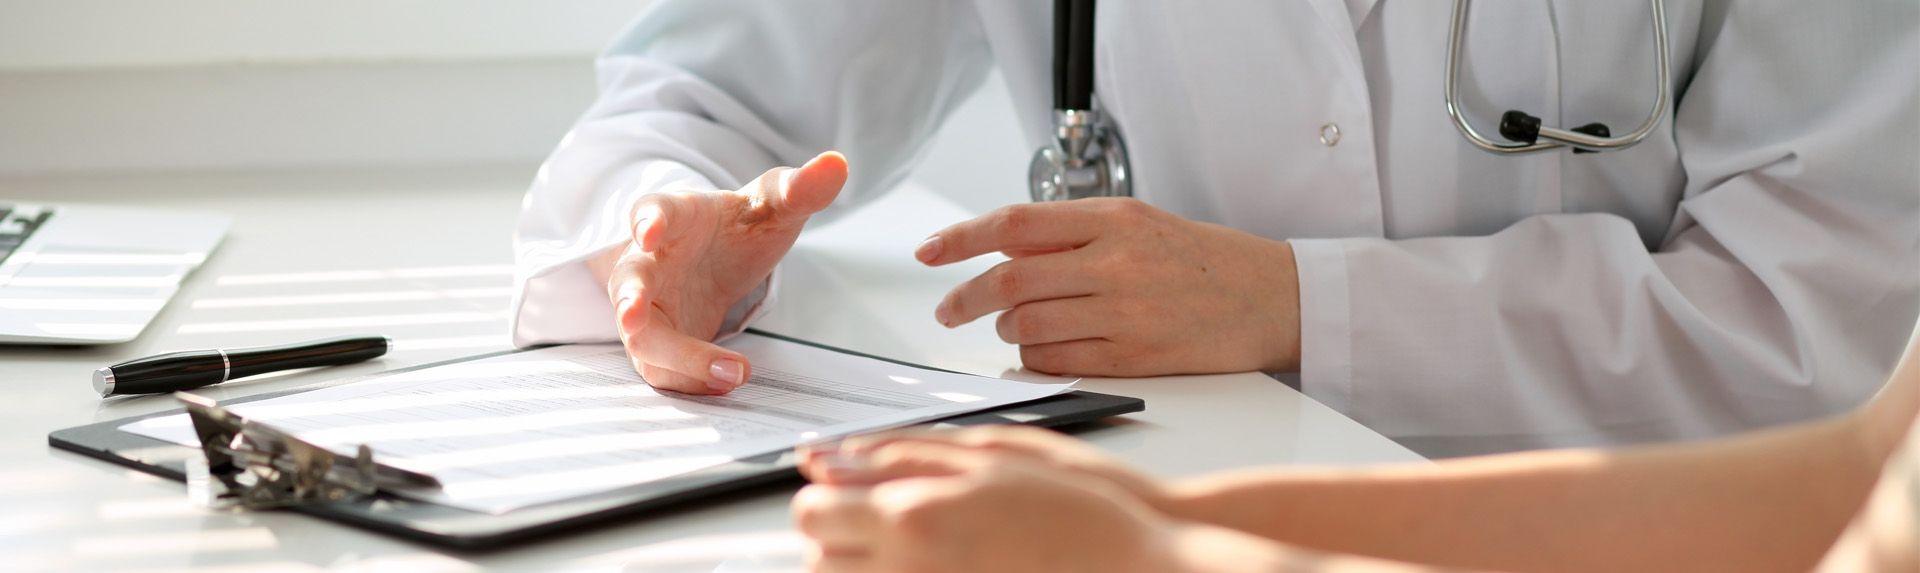 Миома матки и гиперплазия эндометрия: симптомы и признаки при климаксе